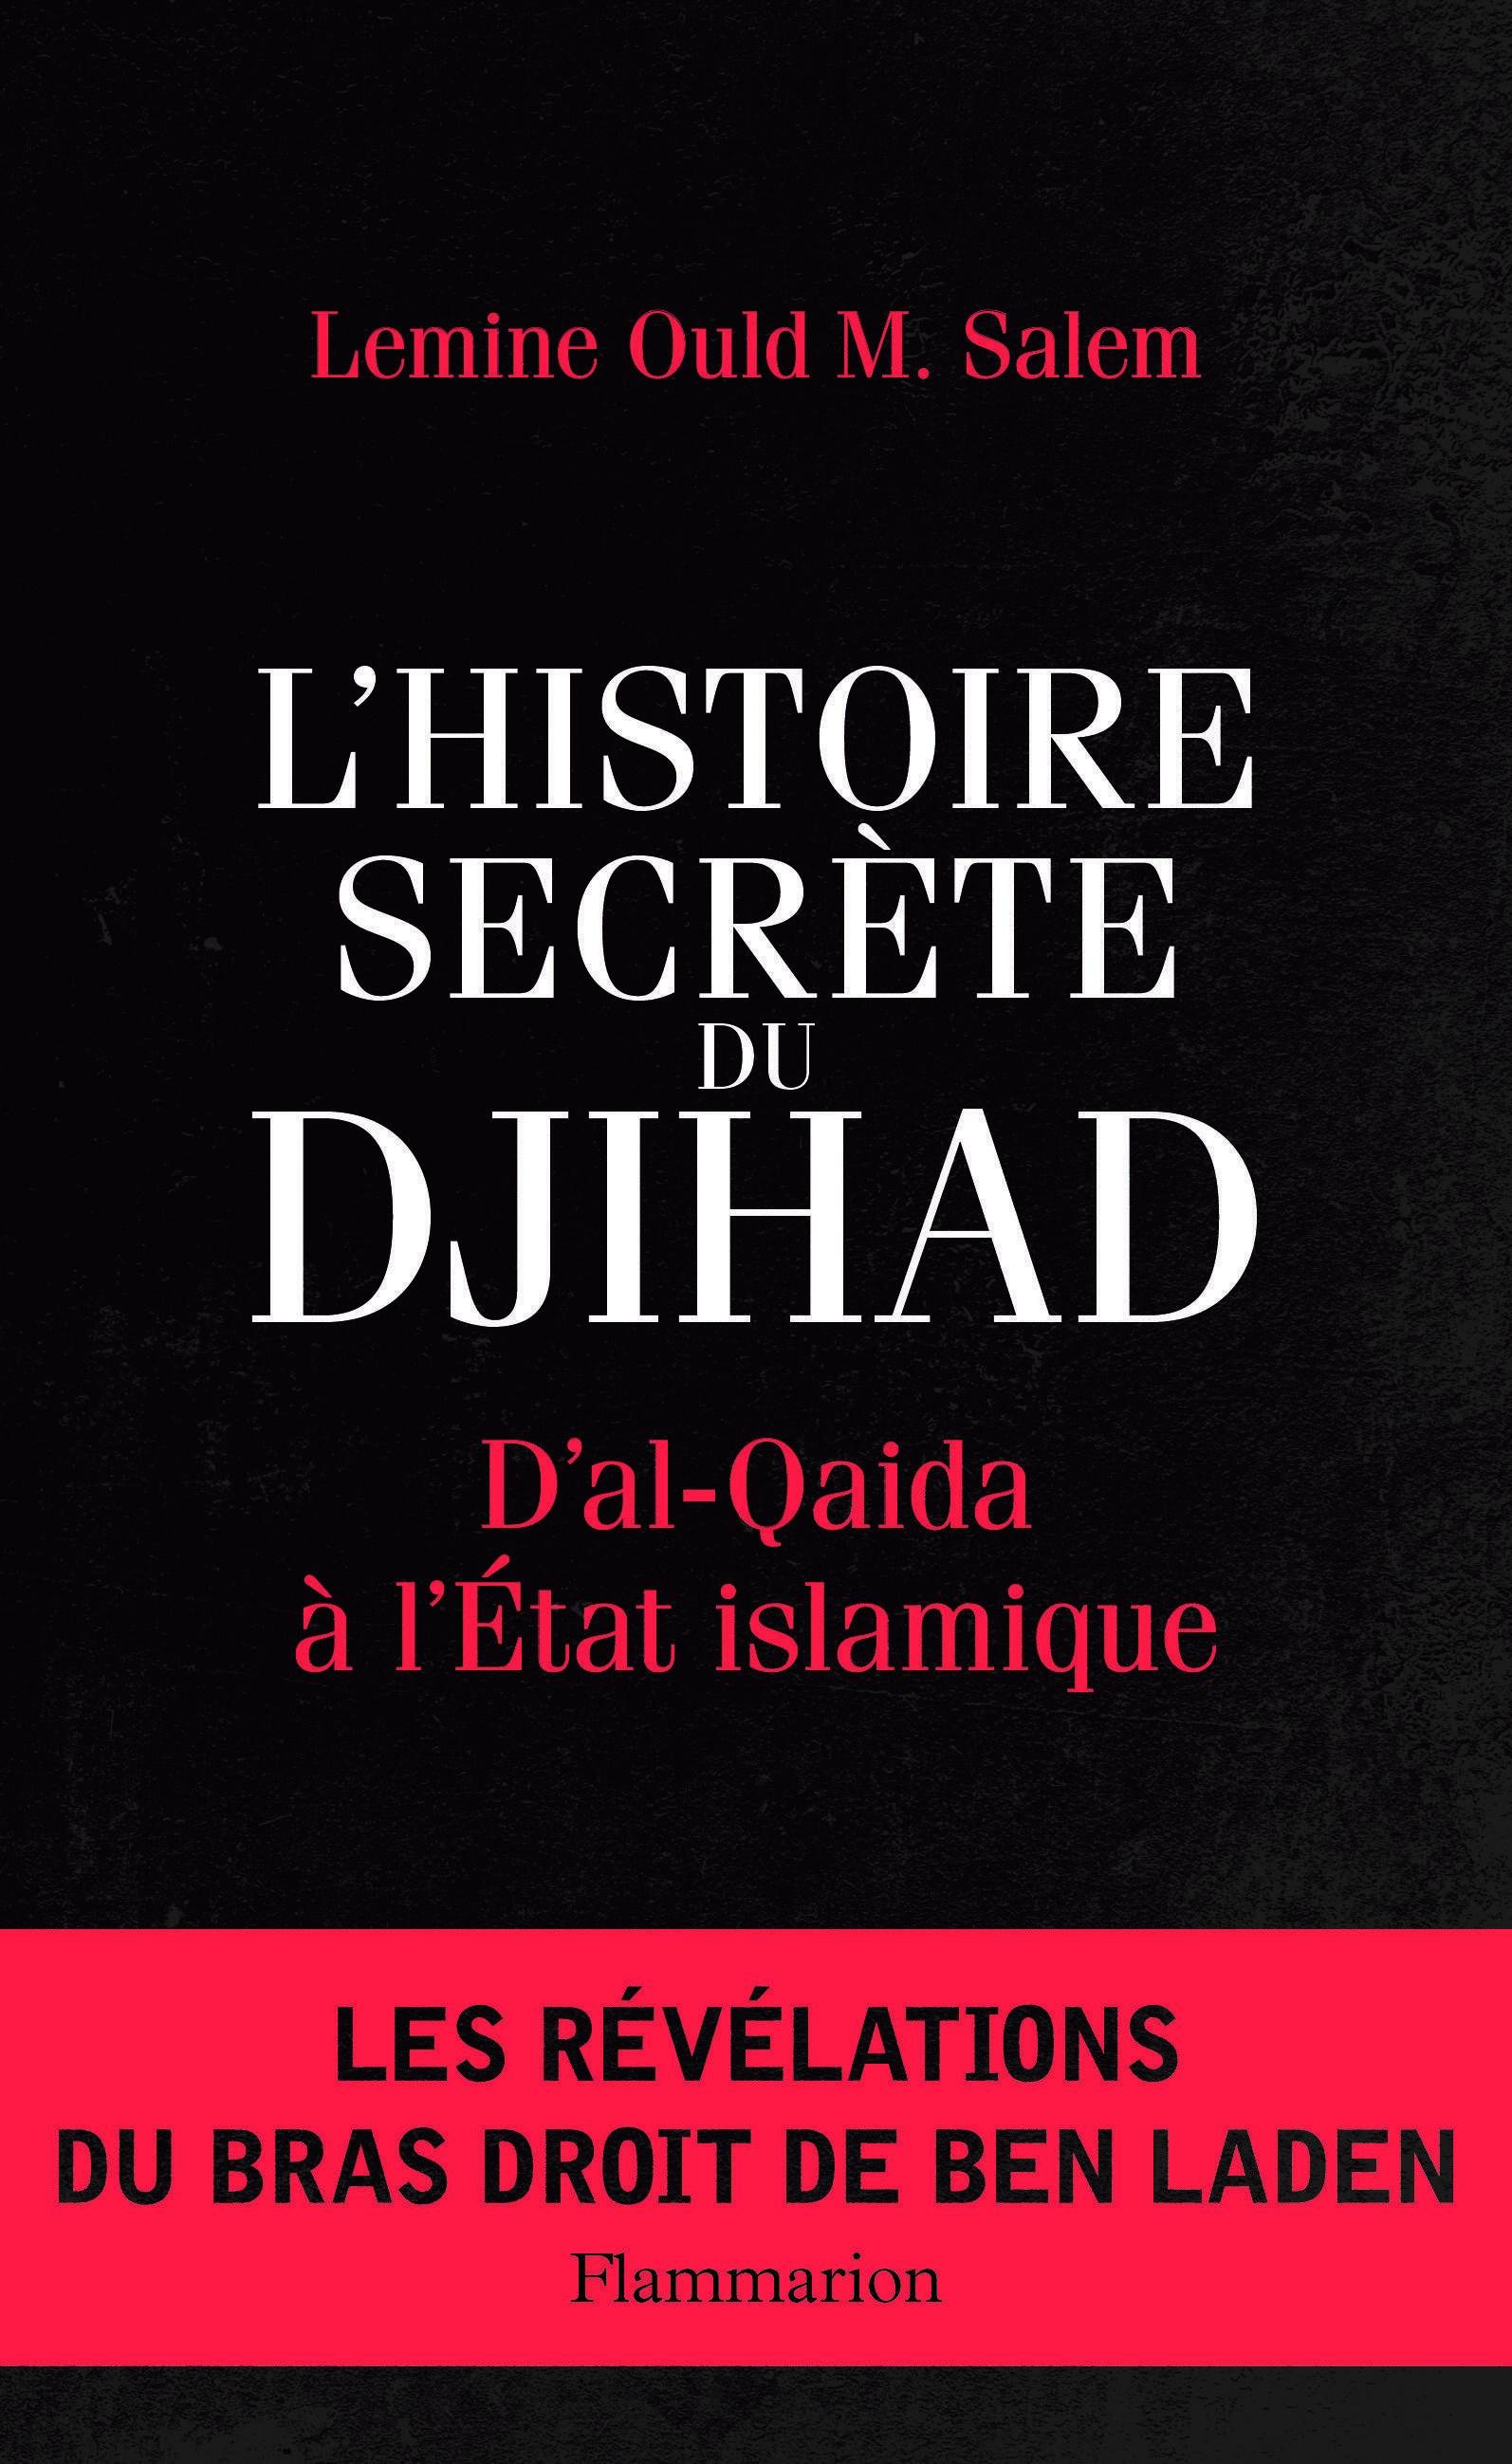 La couverture du livre «L'histoire secrète du djihad» de Lemine Ould M. Salem